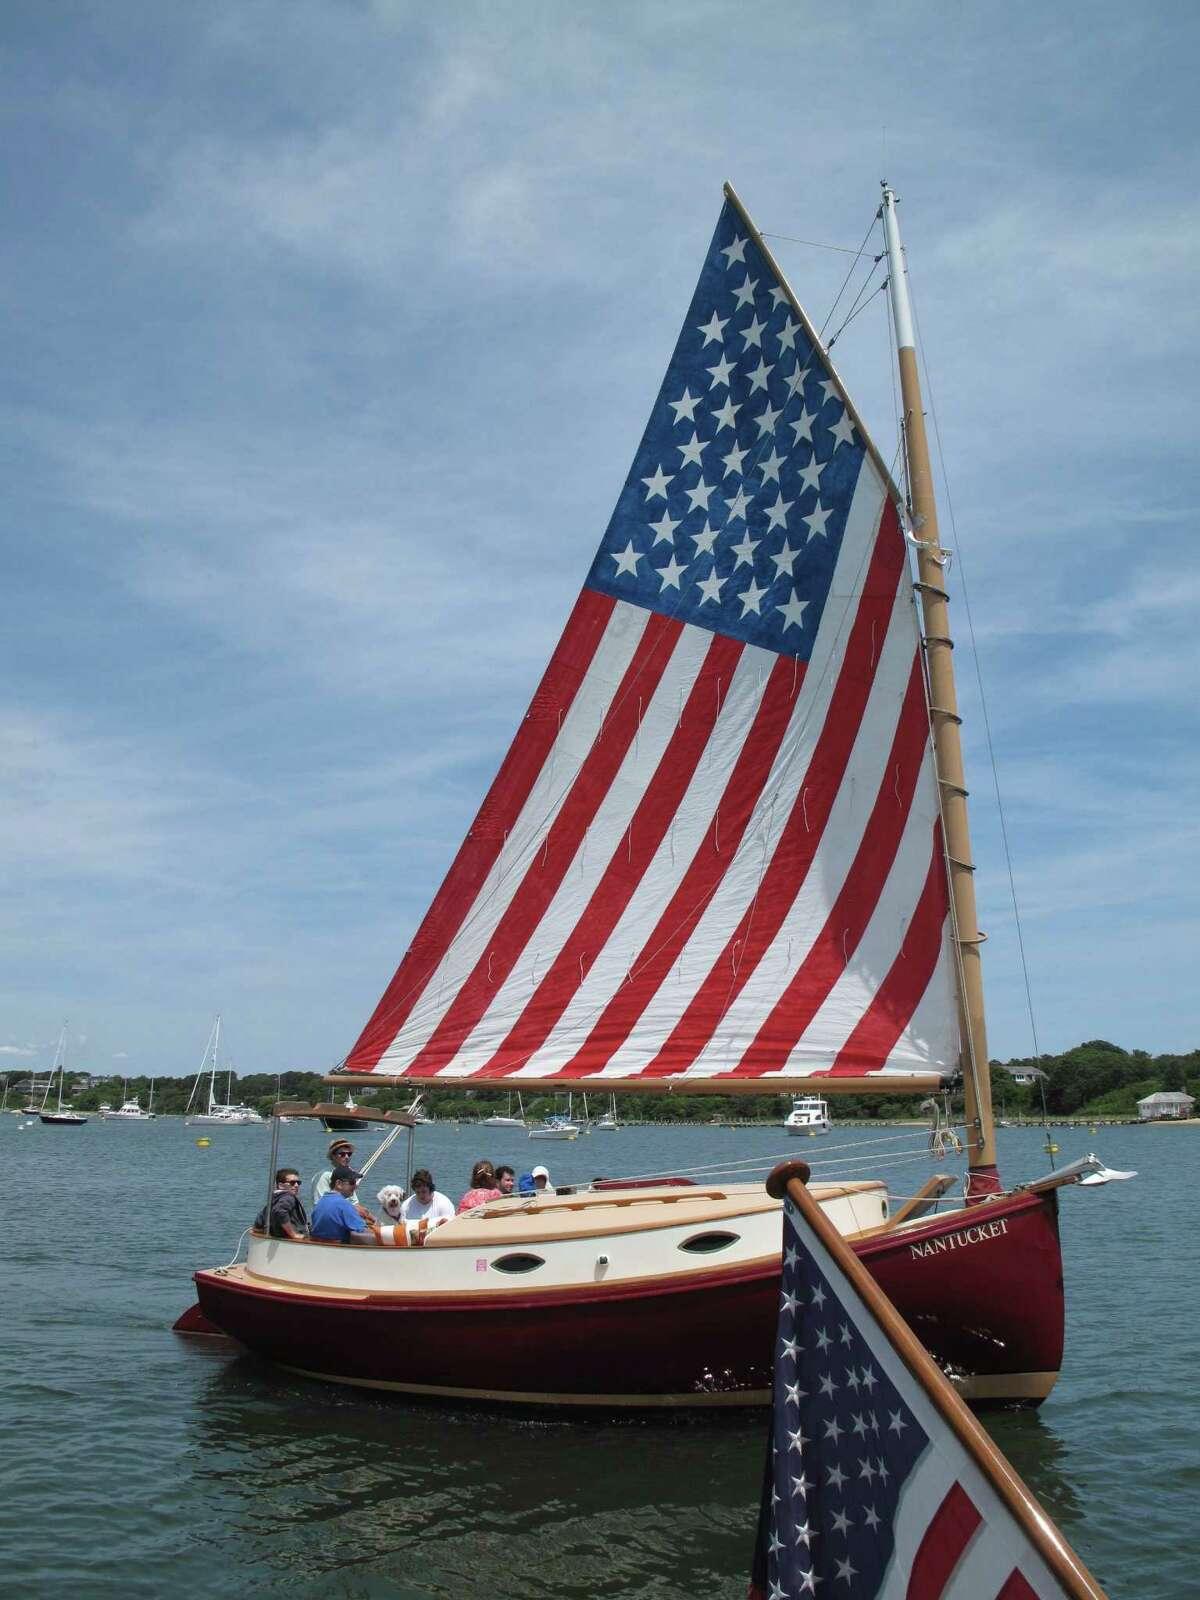 A patriotic sailor in Nantucket.